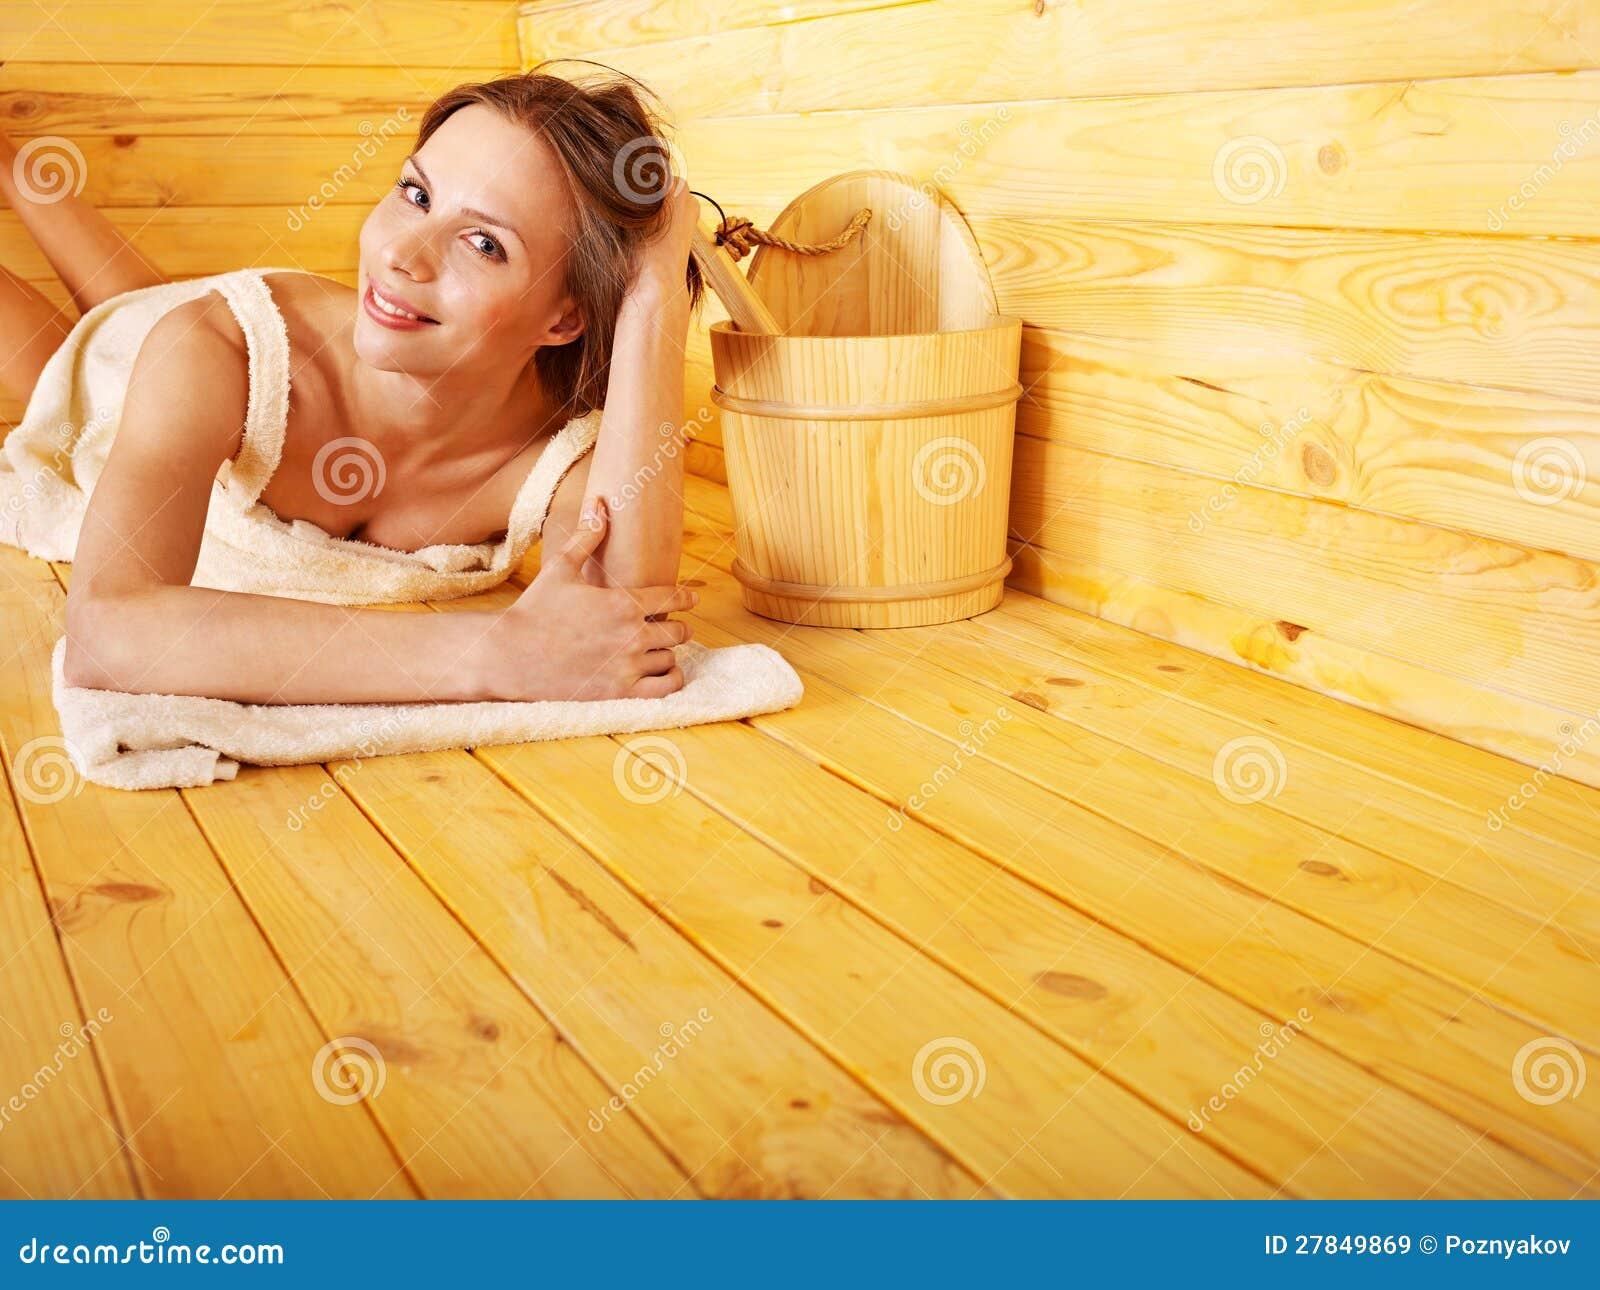 Яндекс девушки в сауне 9 фотография